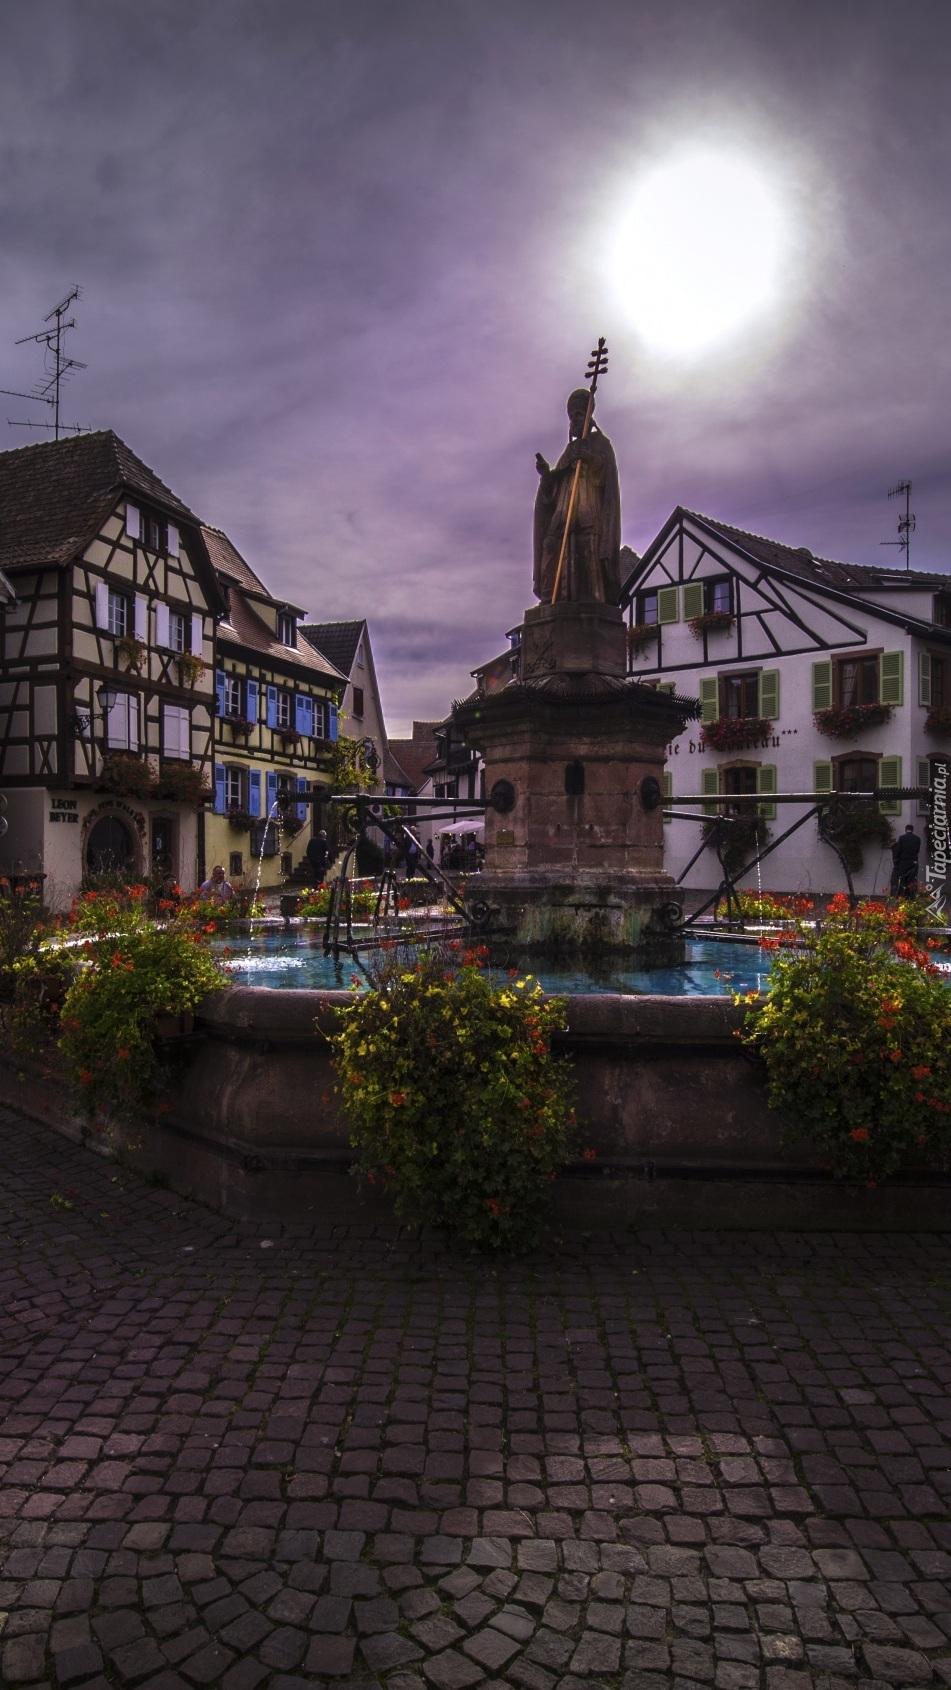 Domy wokół fontanny i posągu świętego Leona